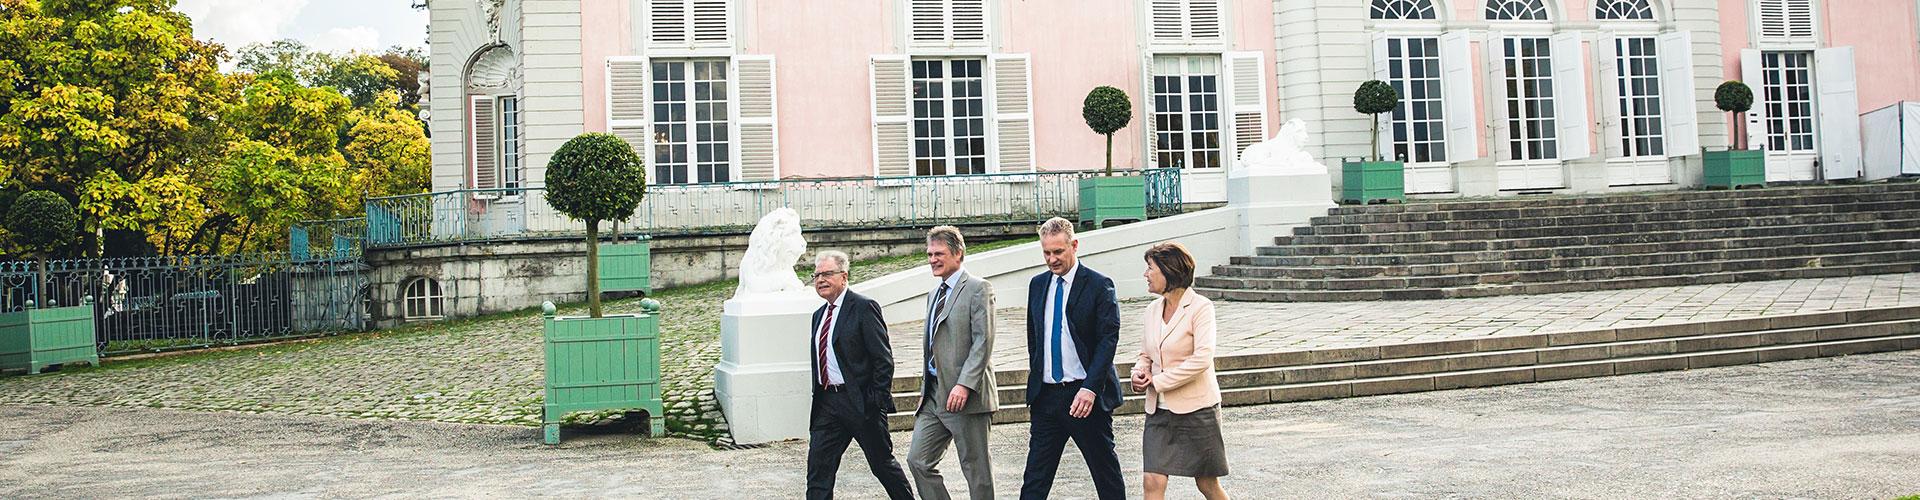 Anwälte der Kanzlei Schnorrenberg Oelbermann